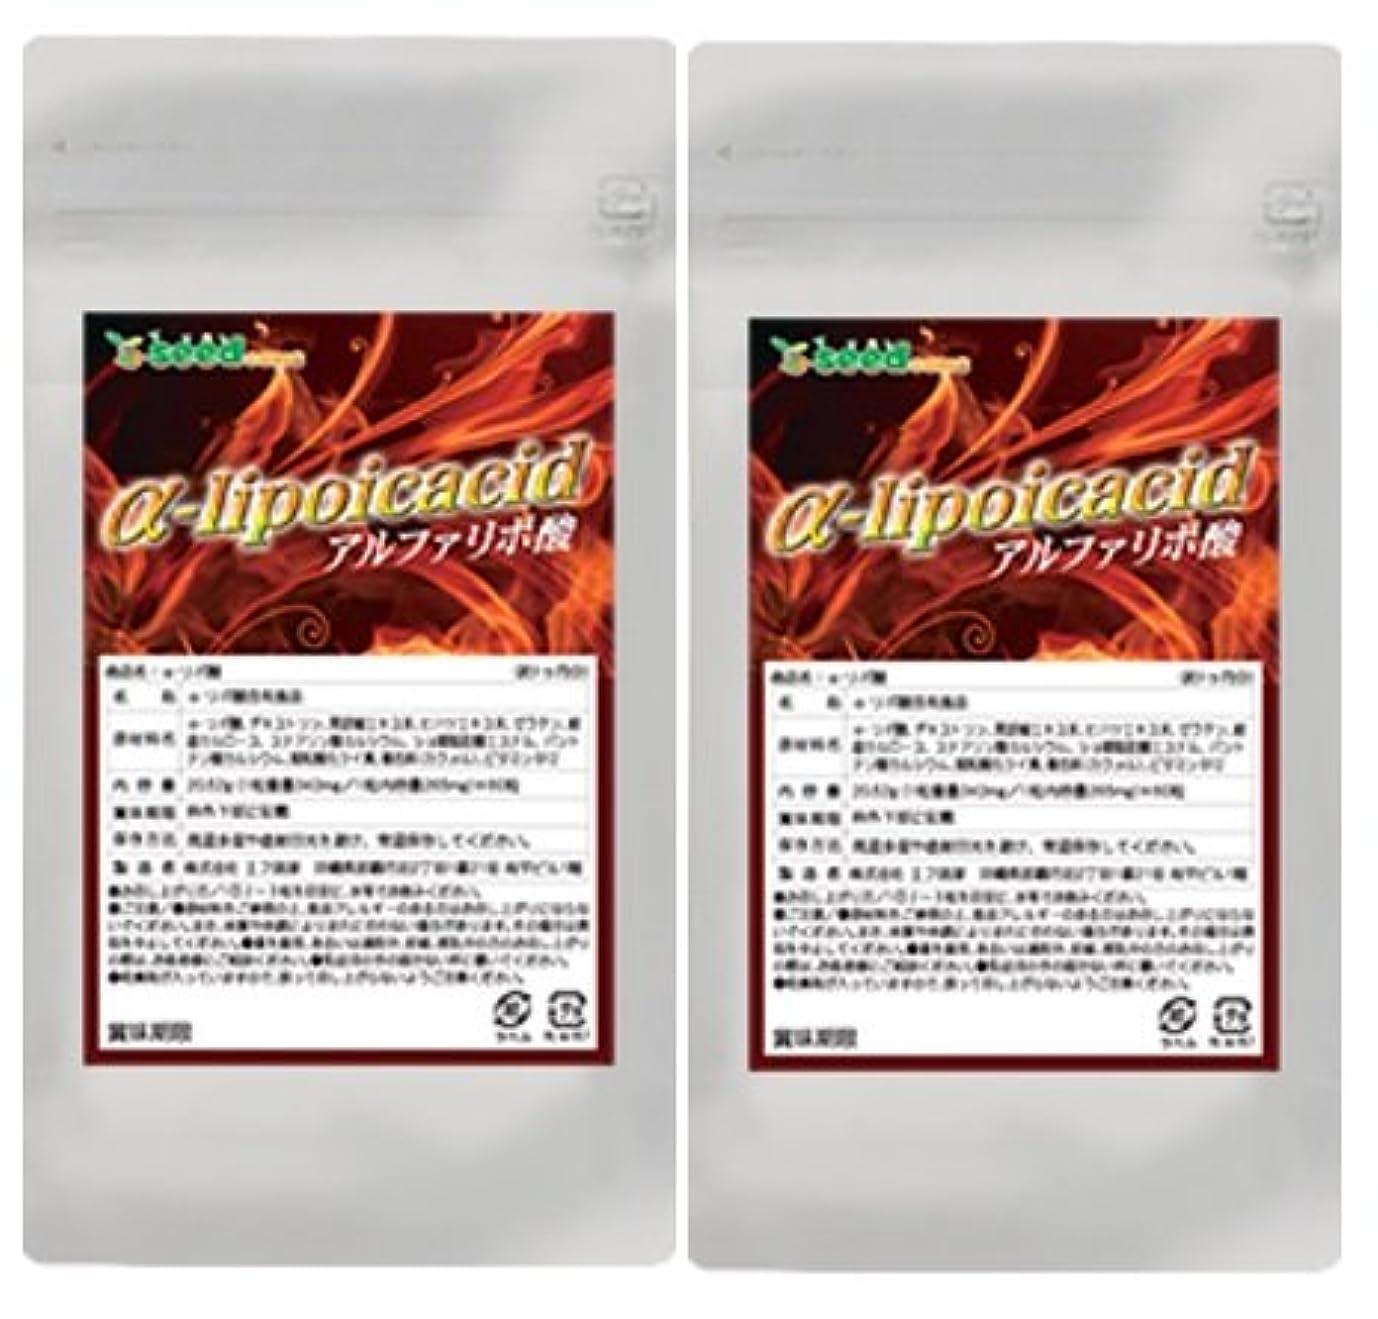 【 seedcoms シードコムス 公式 】α-リポ酸 (燃焼系ダイエットのサポート) (約6ケ月分)